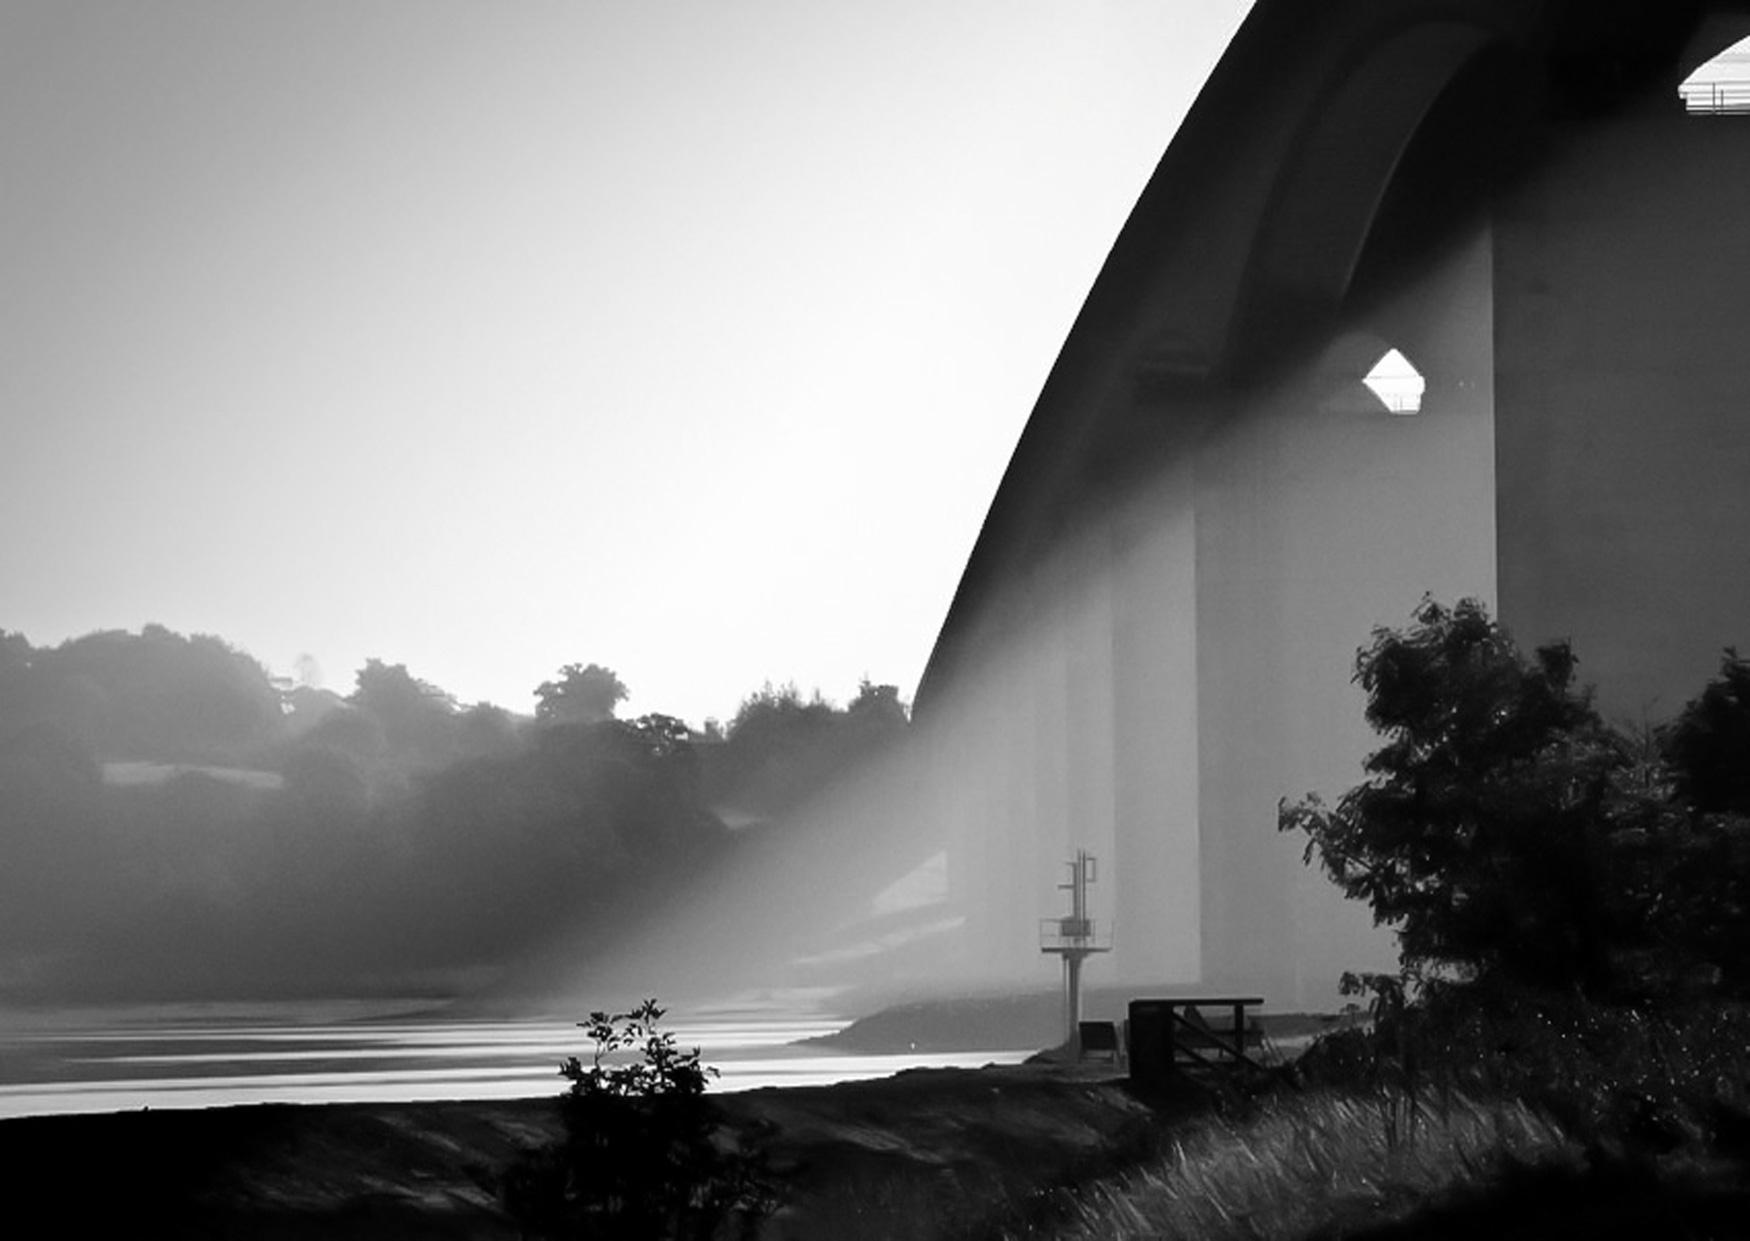 The Orwell Bridge Image taken using natural light